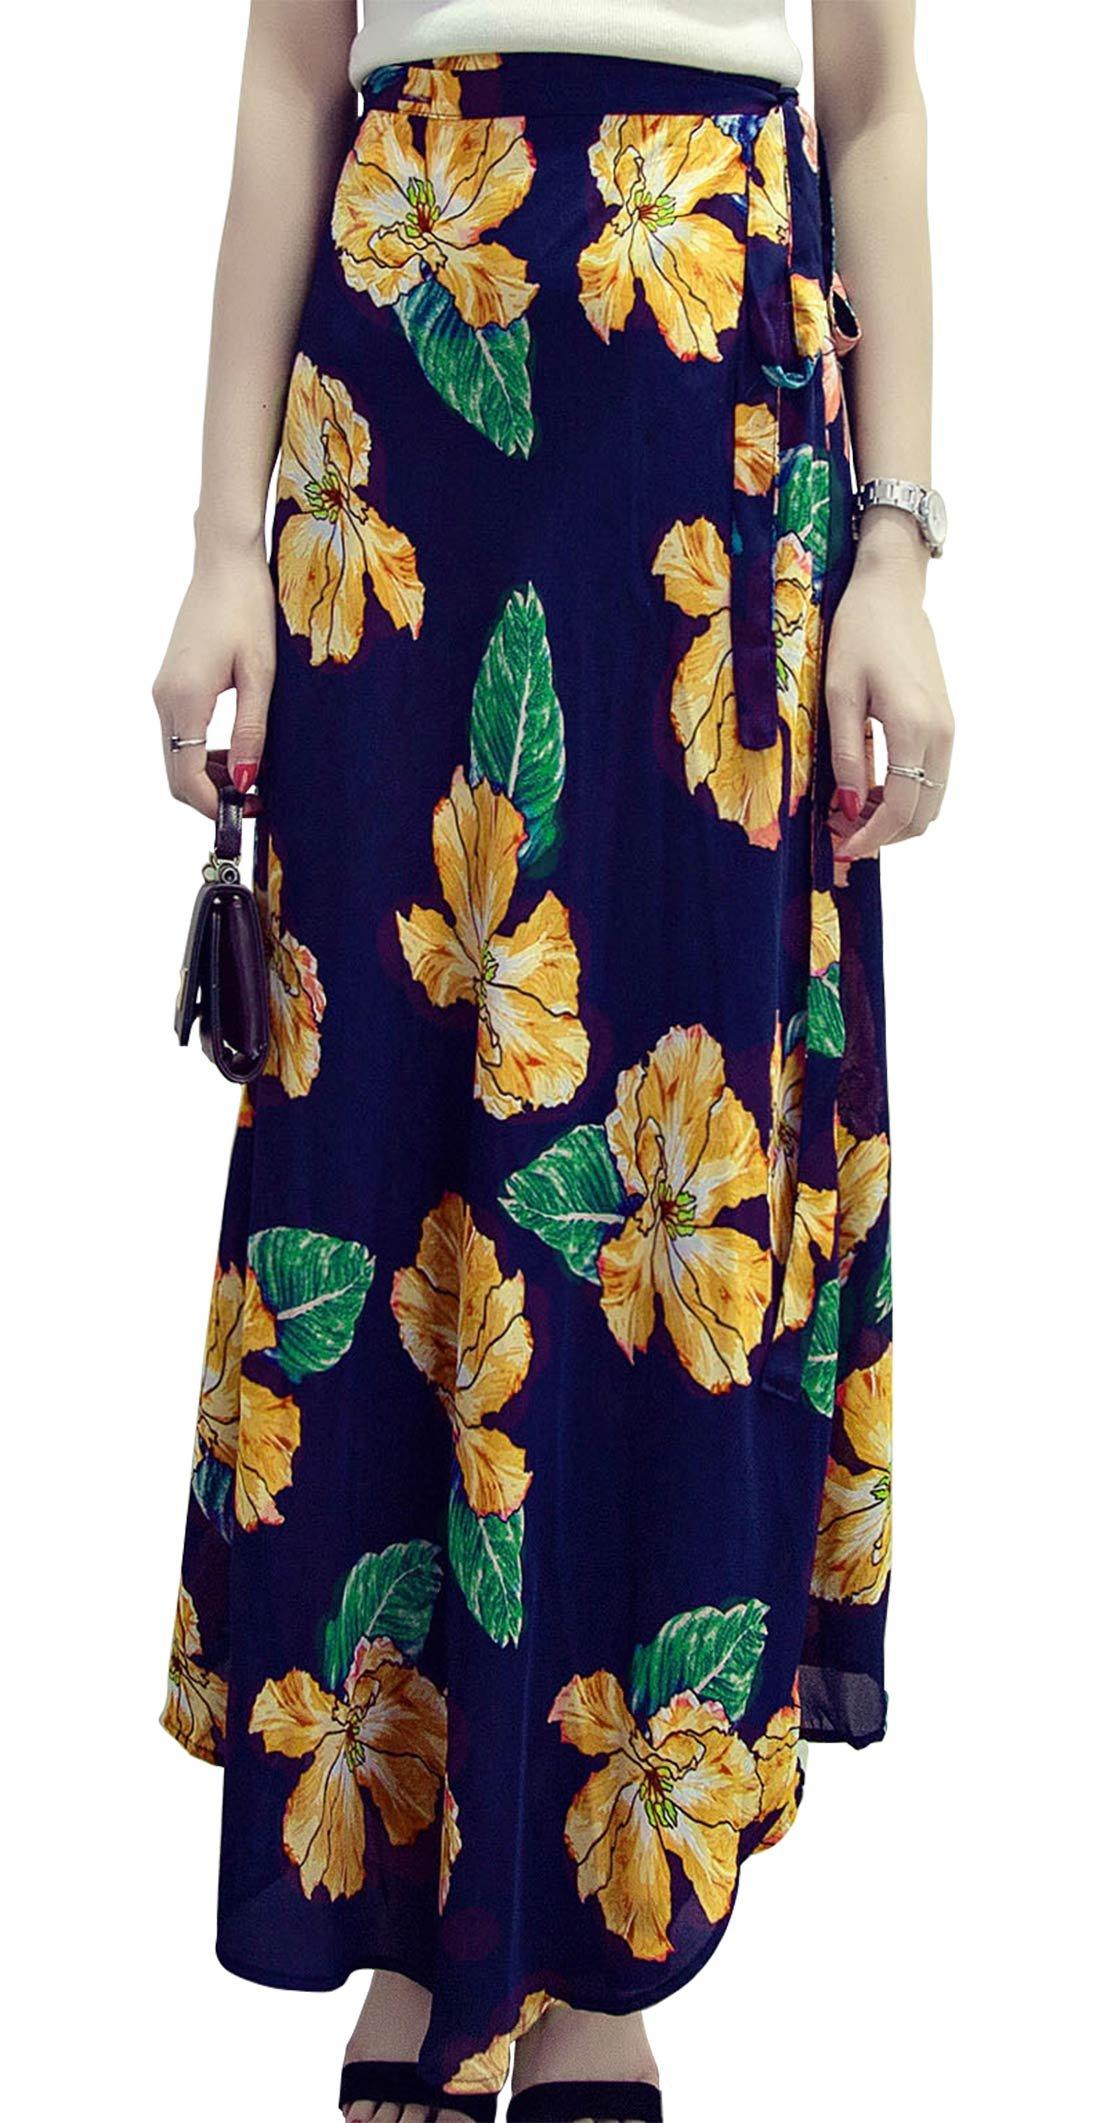 FEOYA Women's Boho Skirt Long Slit Tie Waist Girls Wrap Skirt Tea Length Festival Casual Free Size